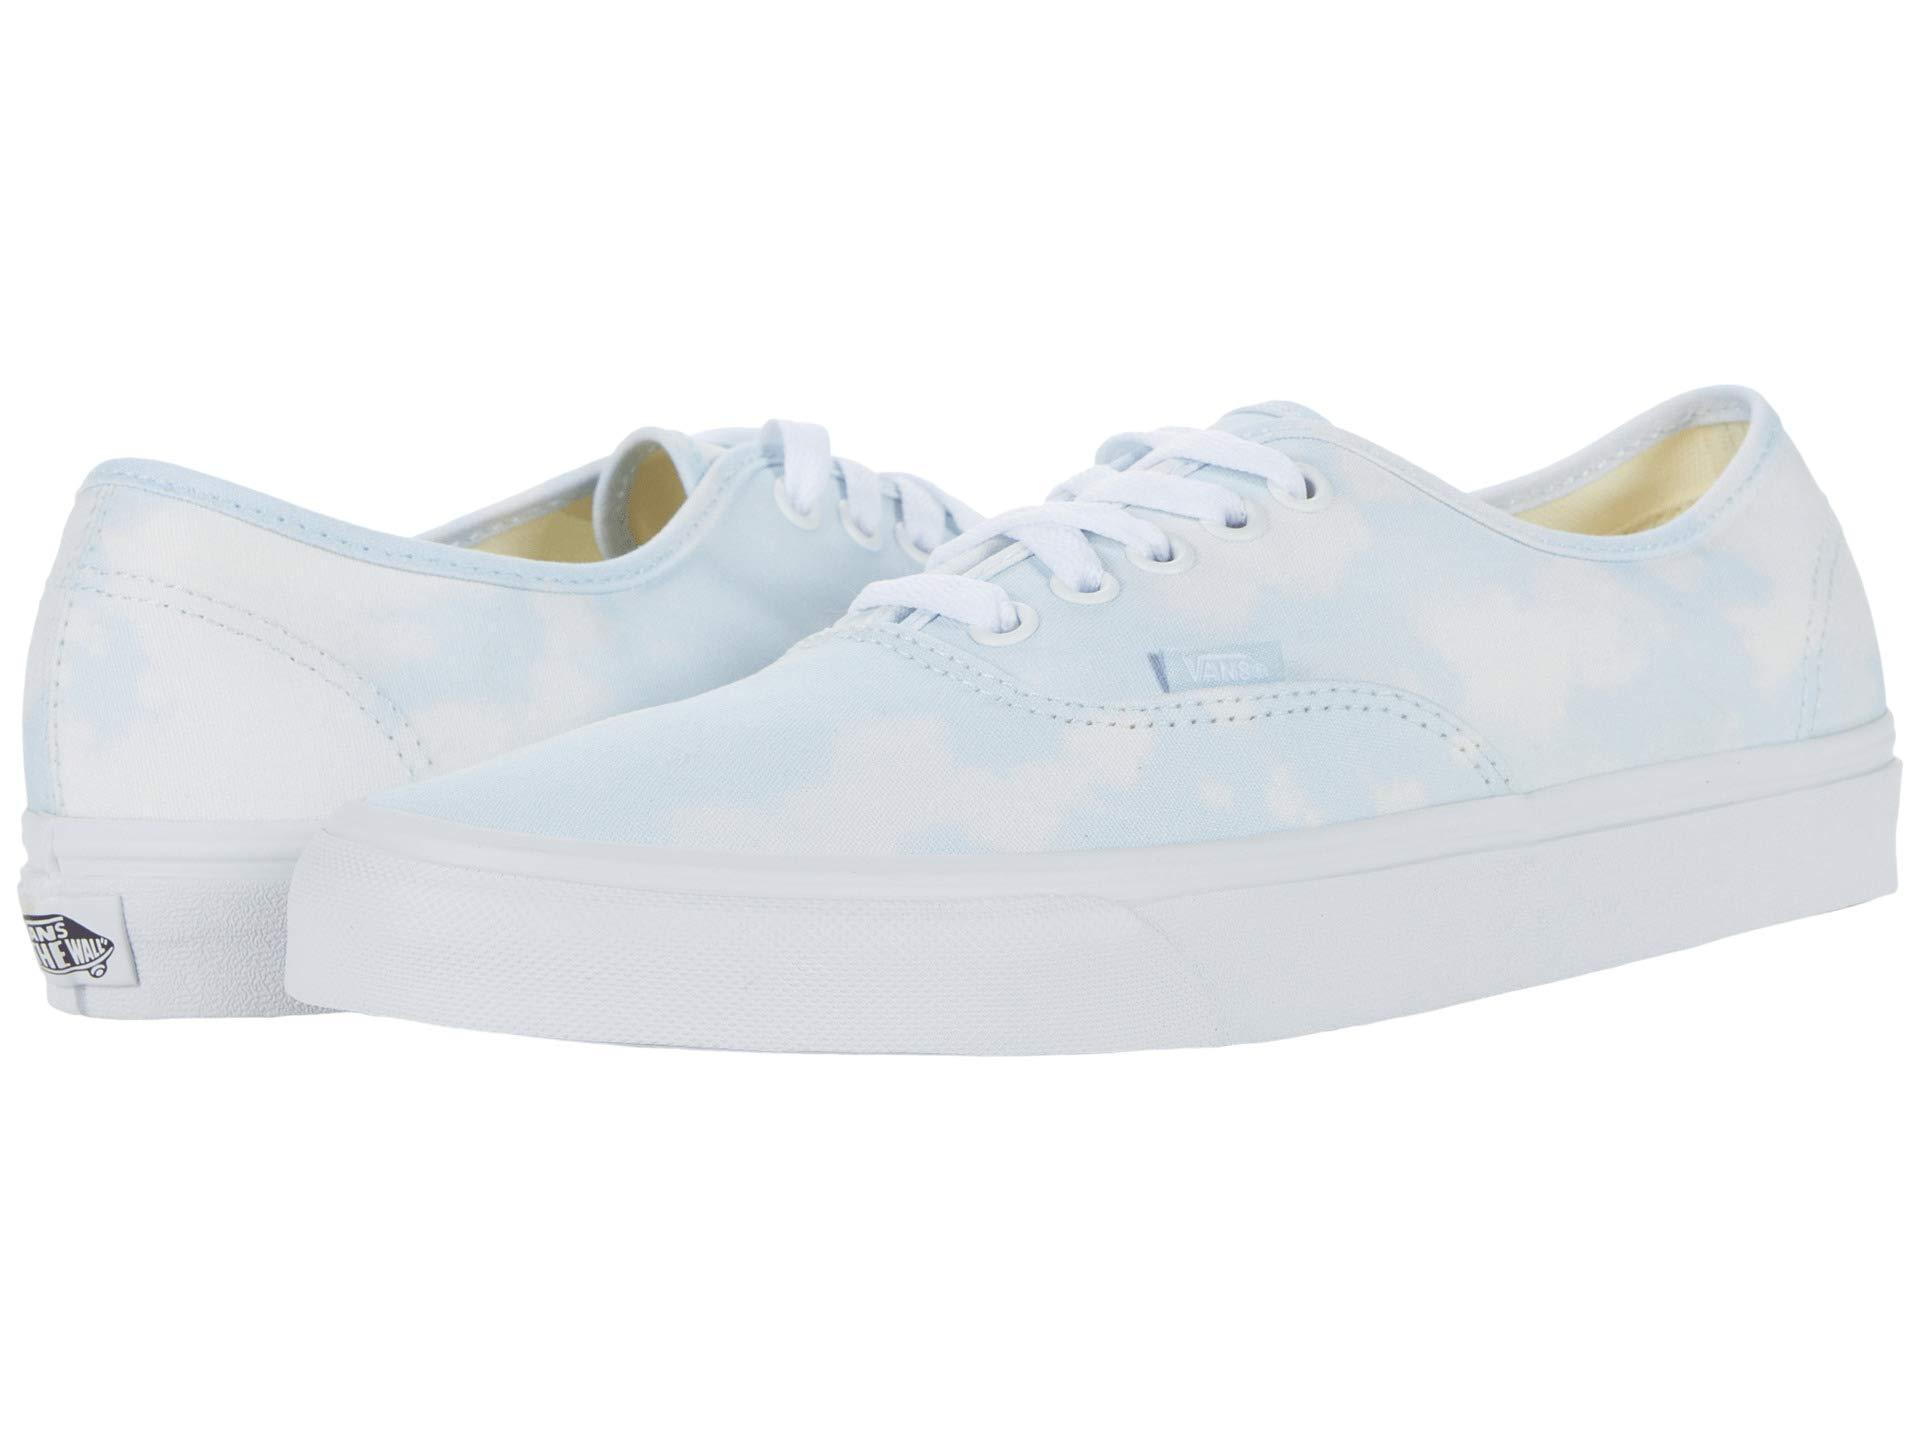 (取寄)Vans(バンズ) スニーカー オーセンティック ユニセックス メンズ レディース Vans Unisex Authentic (Bleach Wash) Ballad Blue 送料無料画像